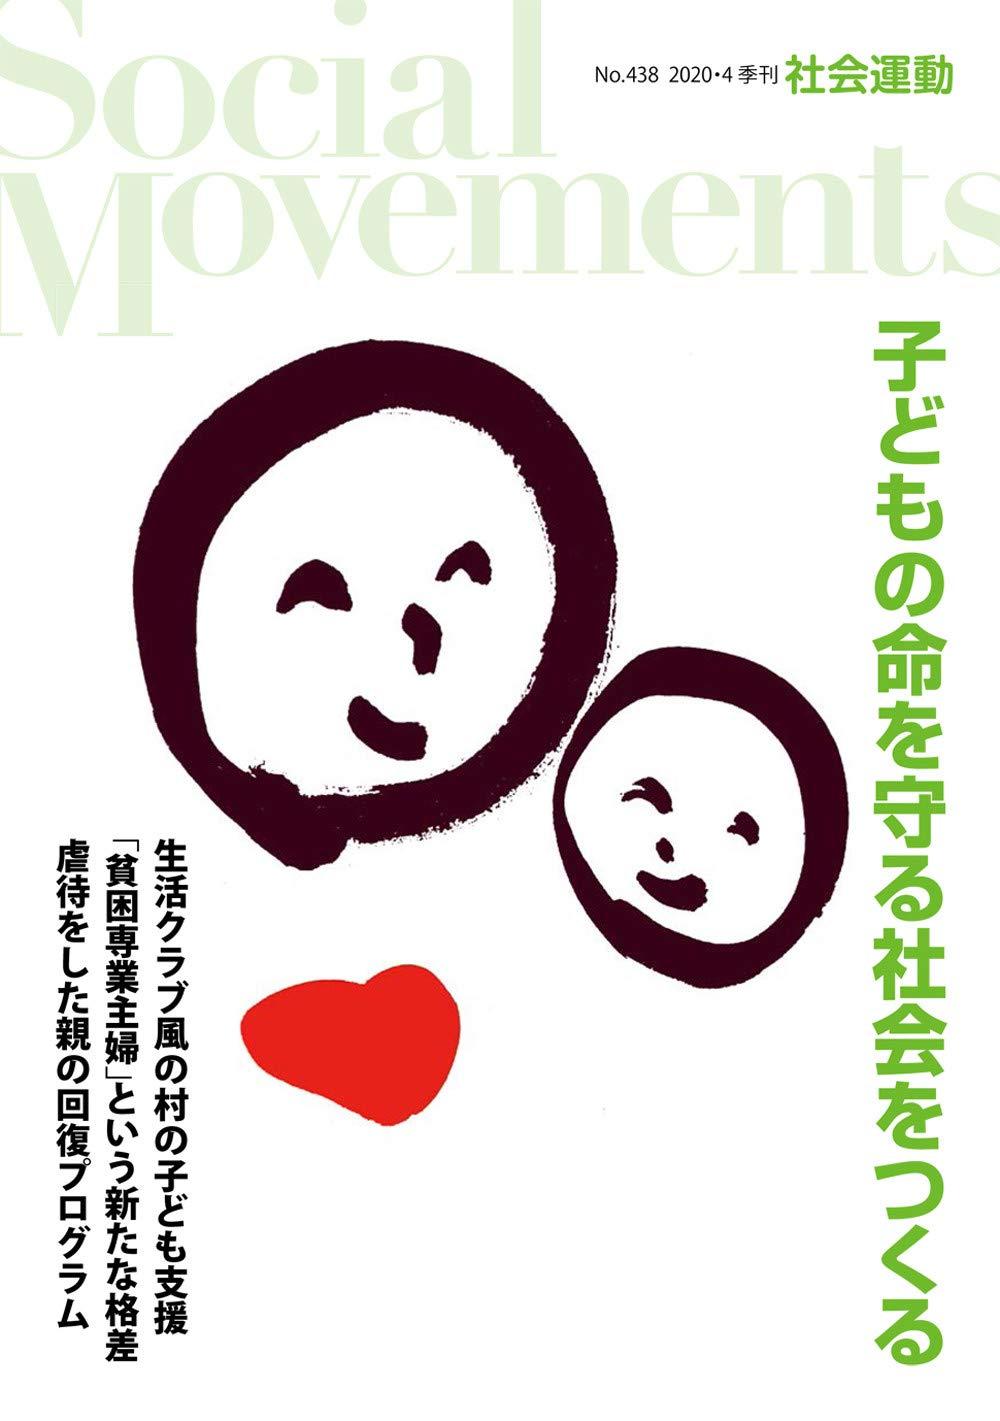 季刊『社会運動』2020年4月【438号】特集:子どもの命を守る社会をつくる